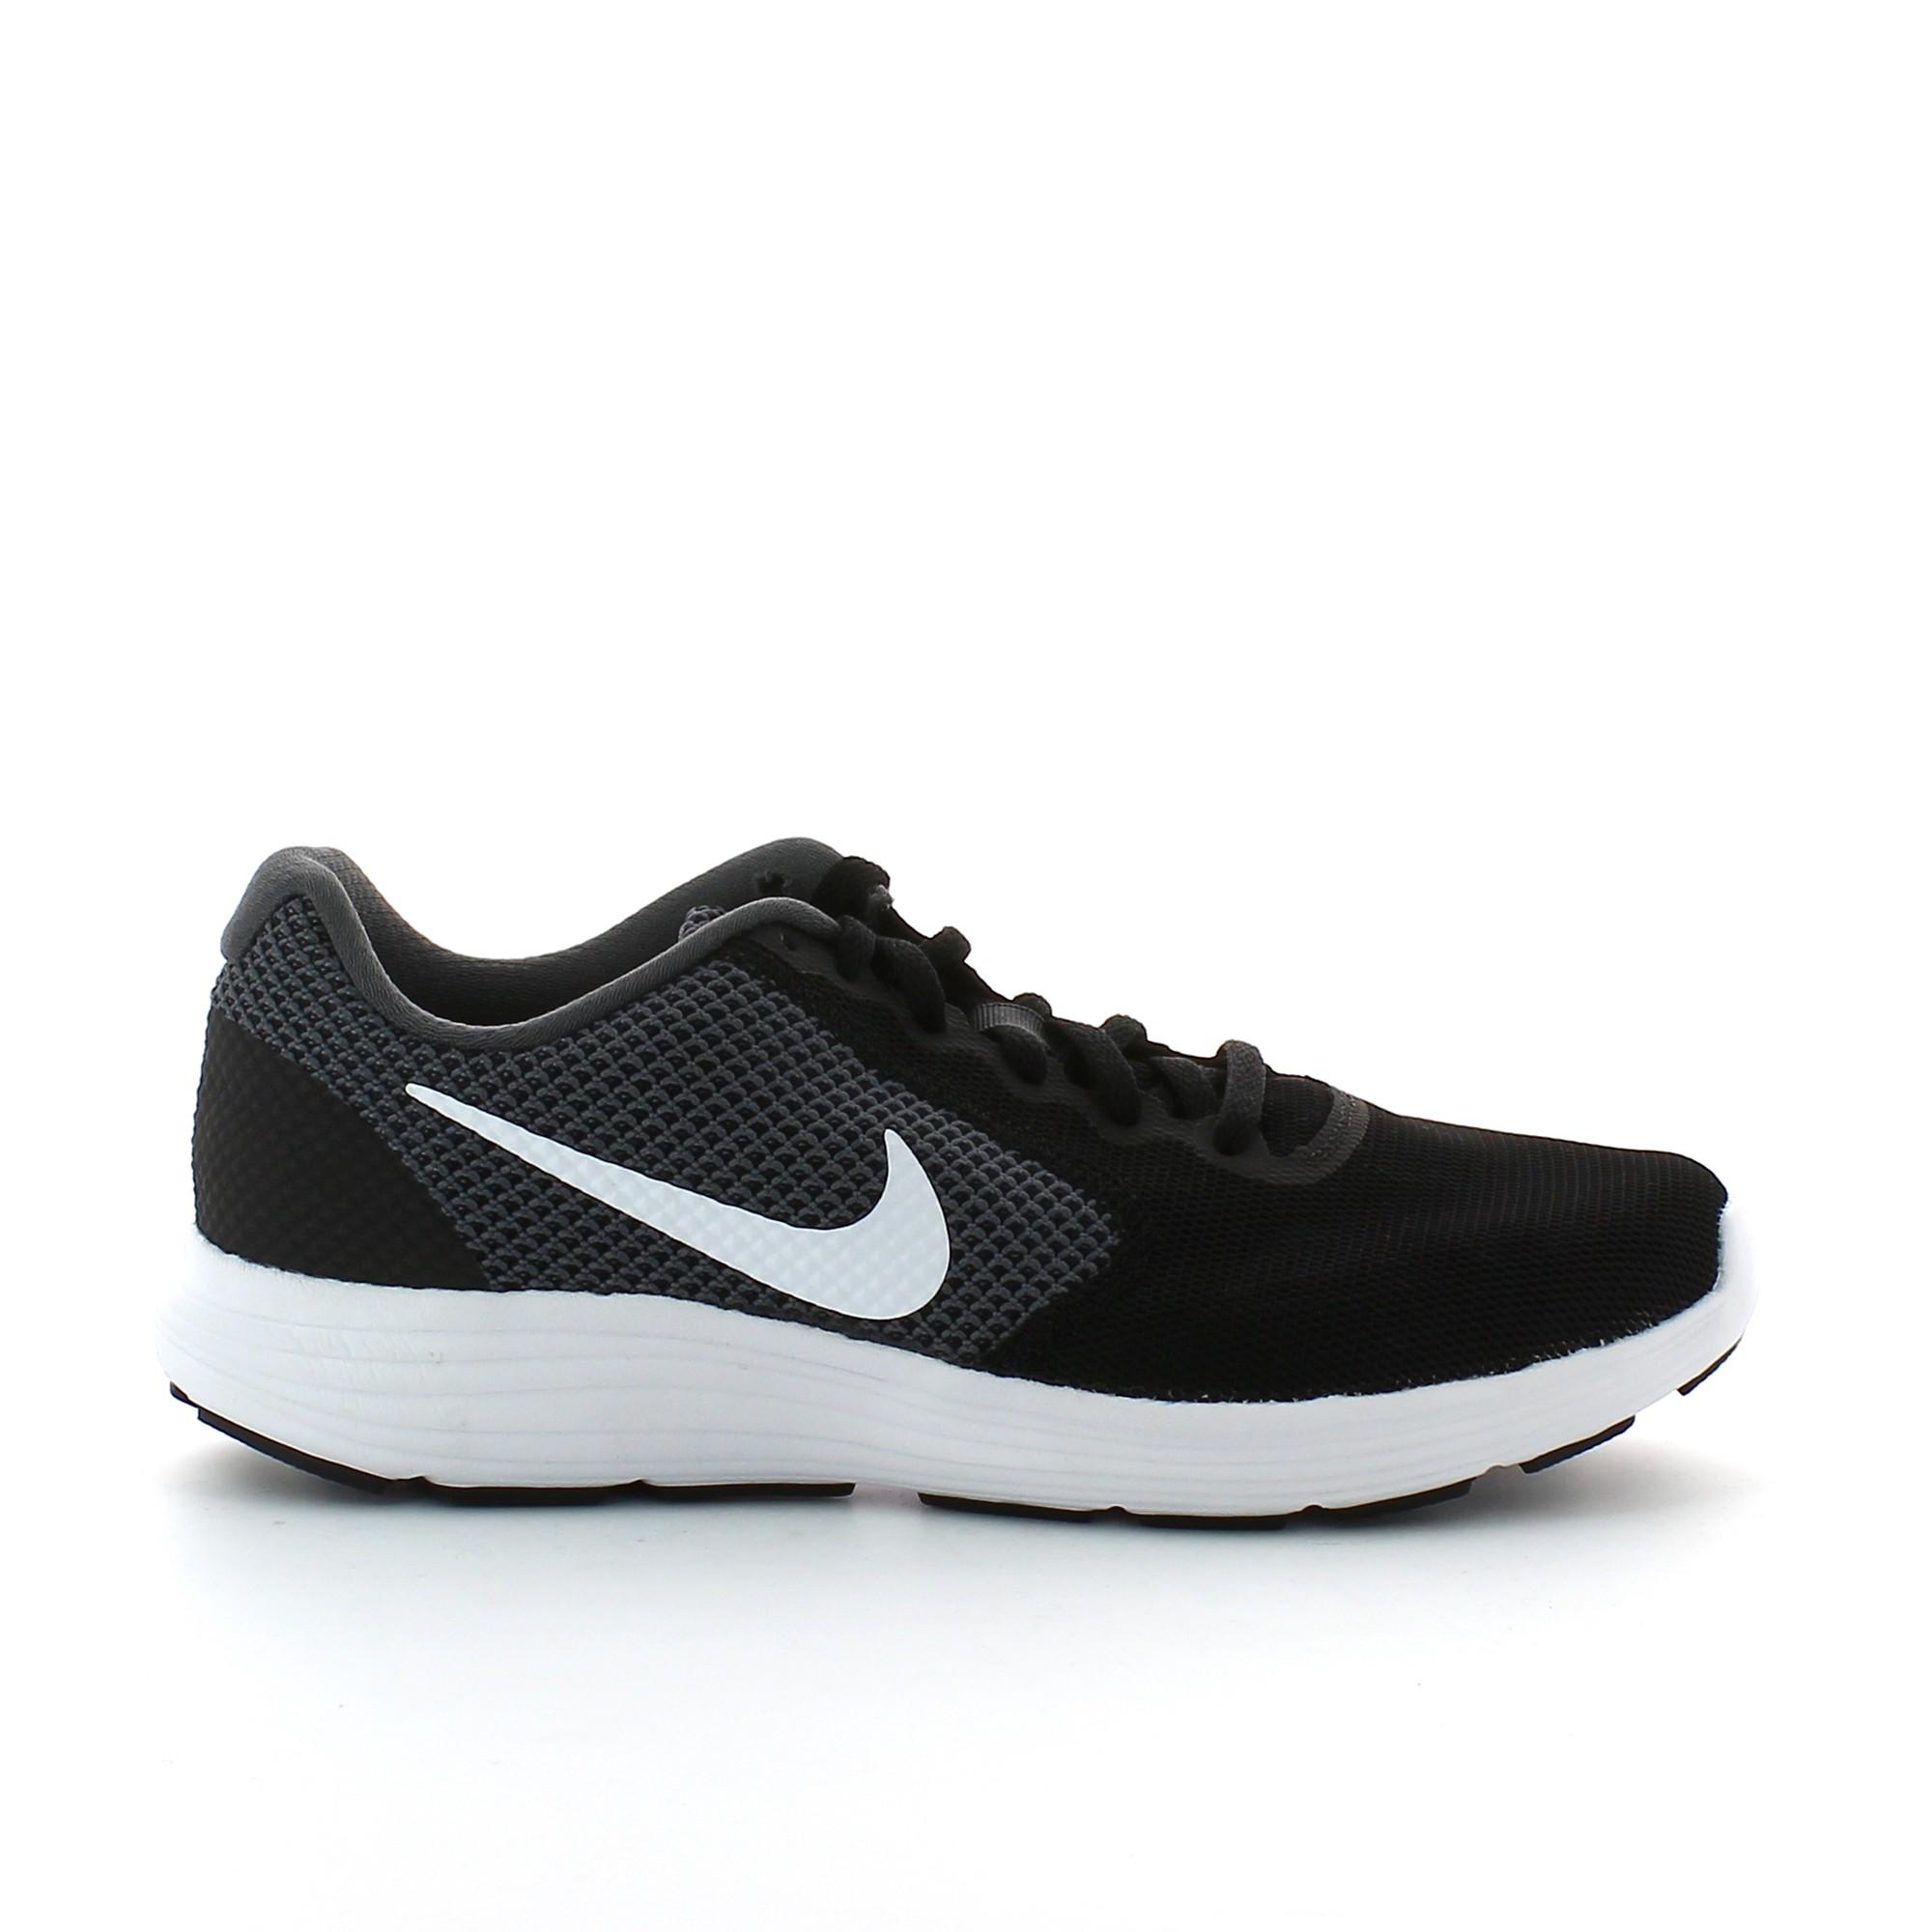 62484616ea6 Zapatillas de Running Nike Revolution 3 Negro Gris Hombre - Deportes Moya